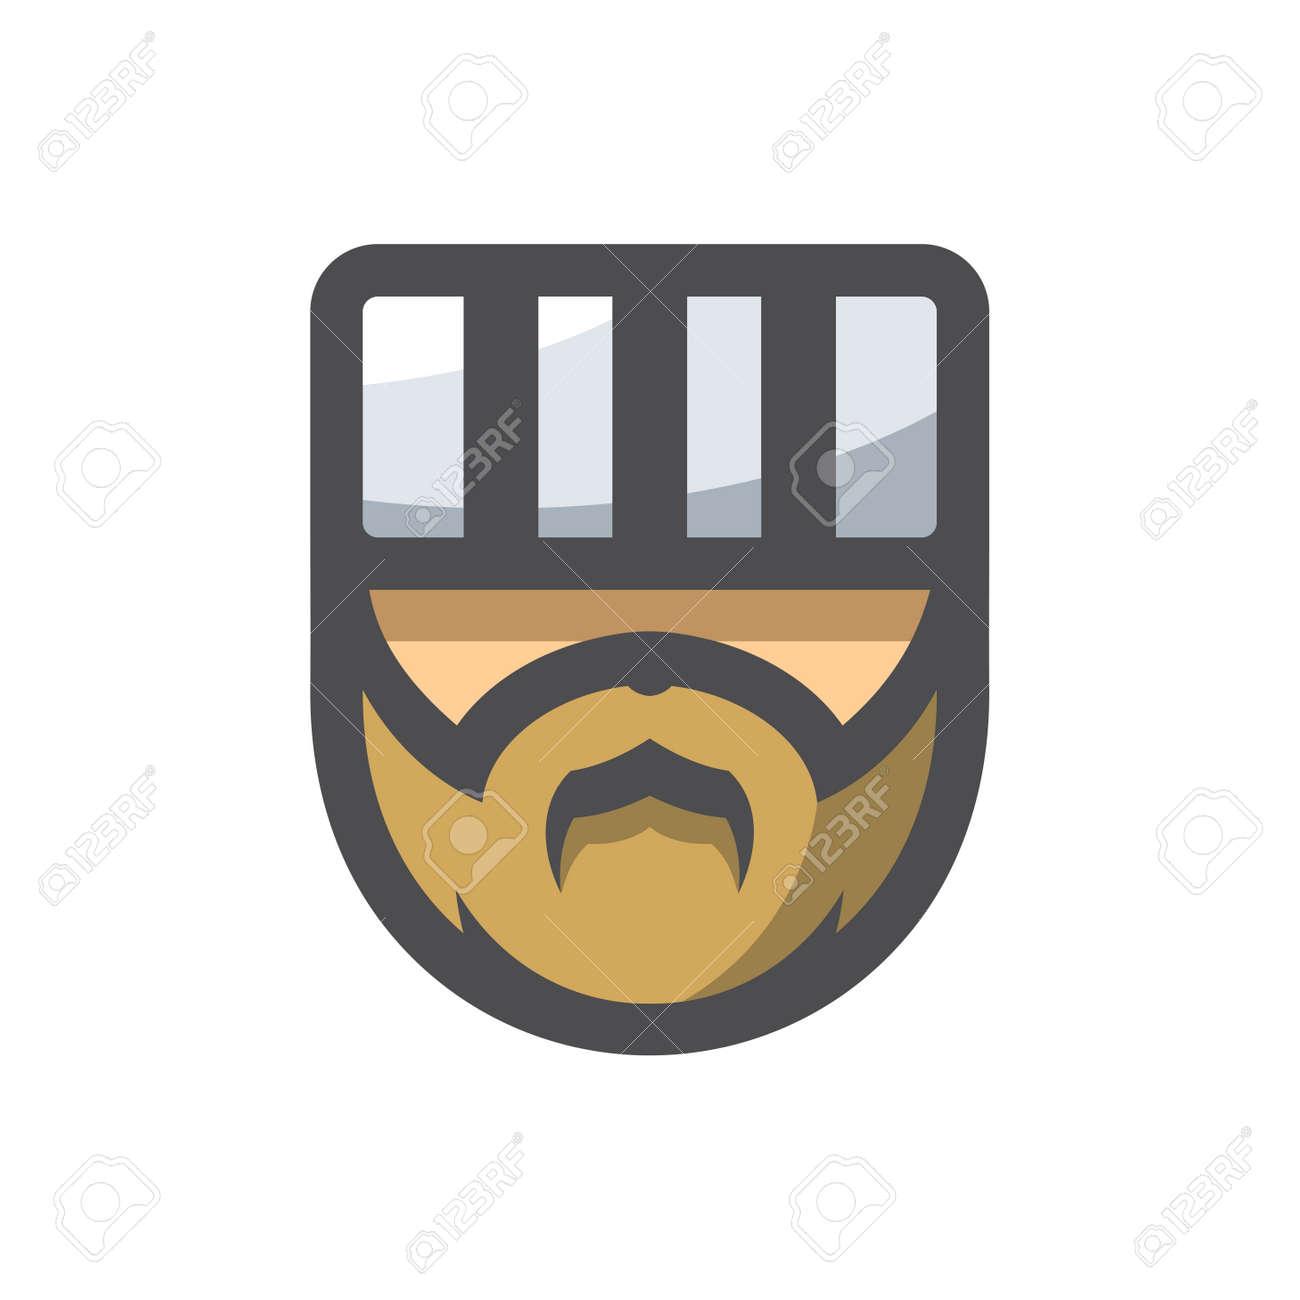 Prisoner Men Head Vector icon Cartoon illustration - 169914203